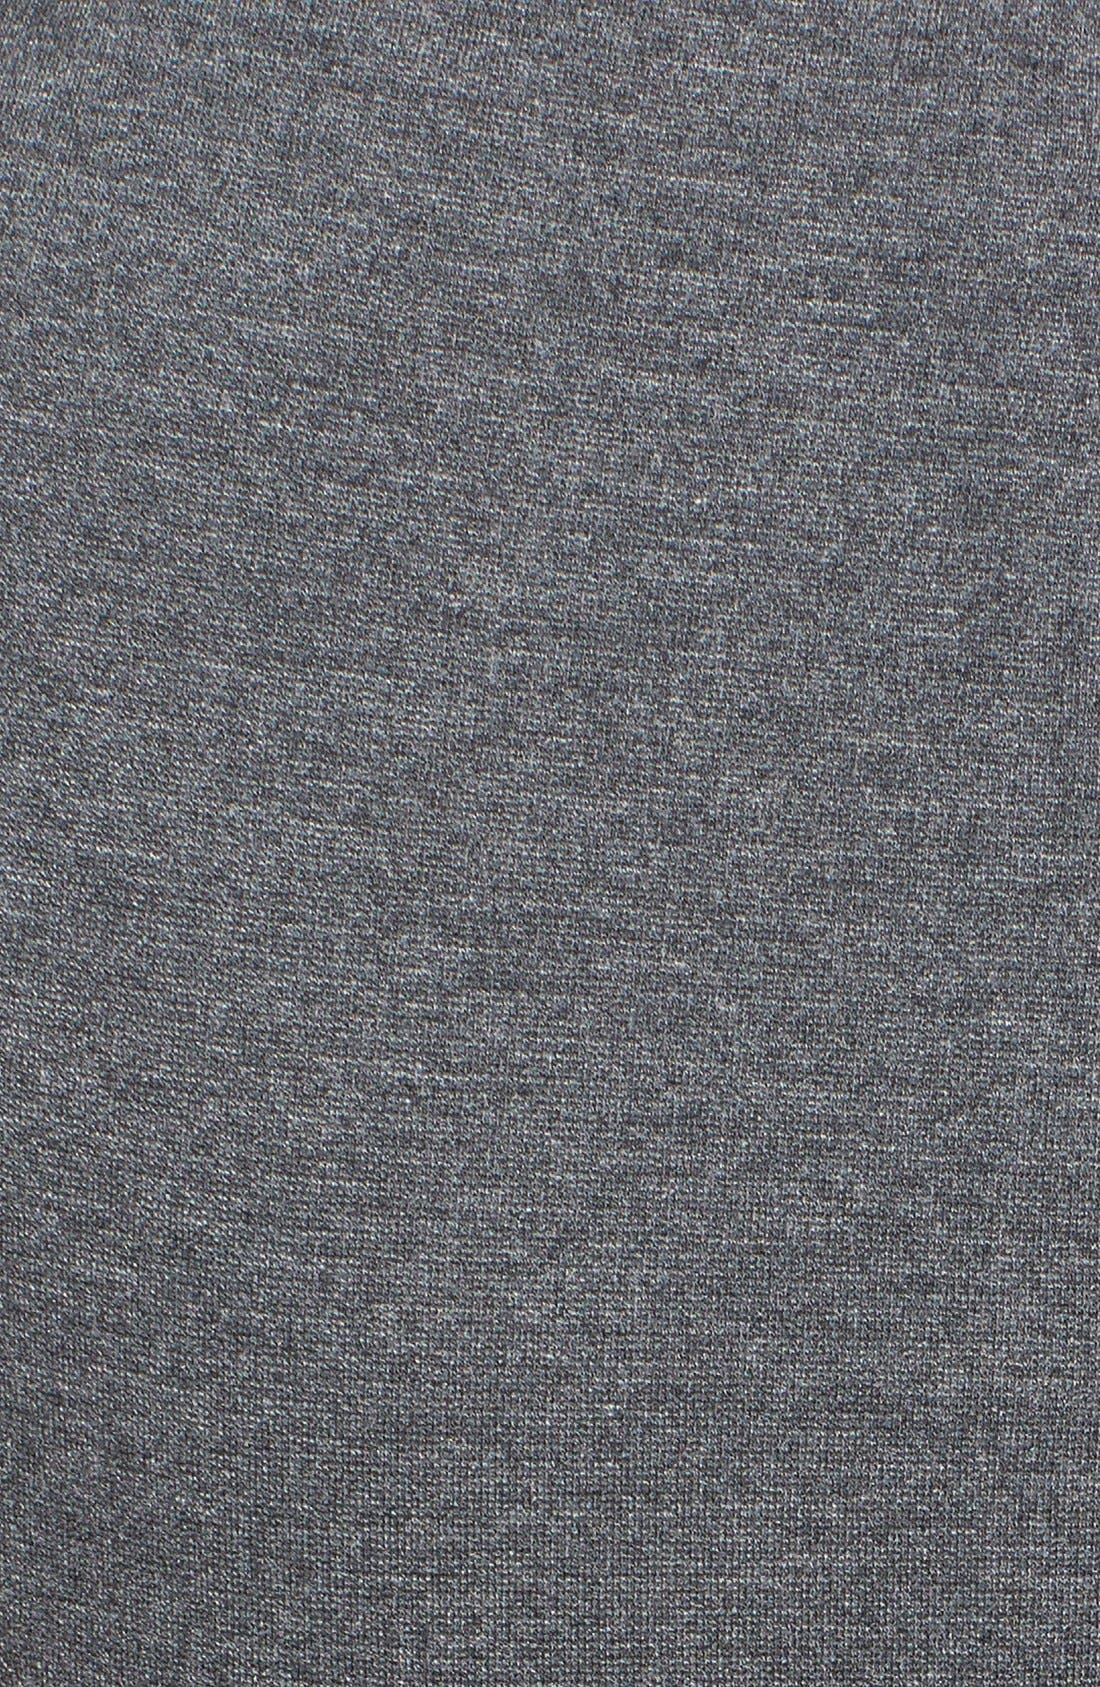 Alternate Image 3  - Diane von Furstenberg 'Carla' Knit Sheath Dress